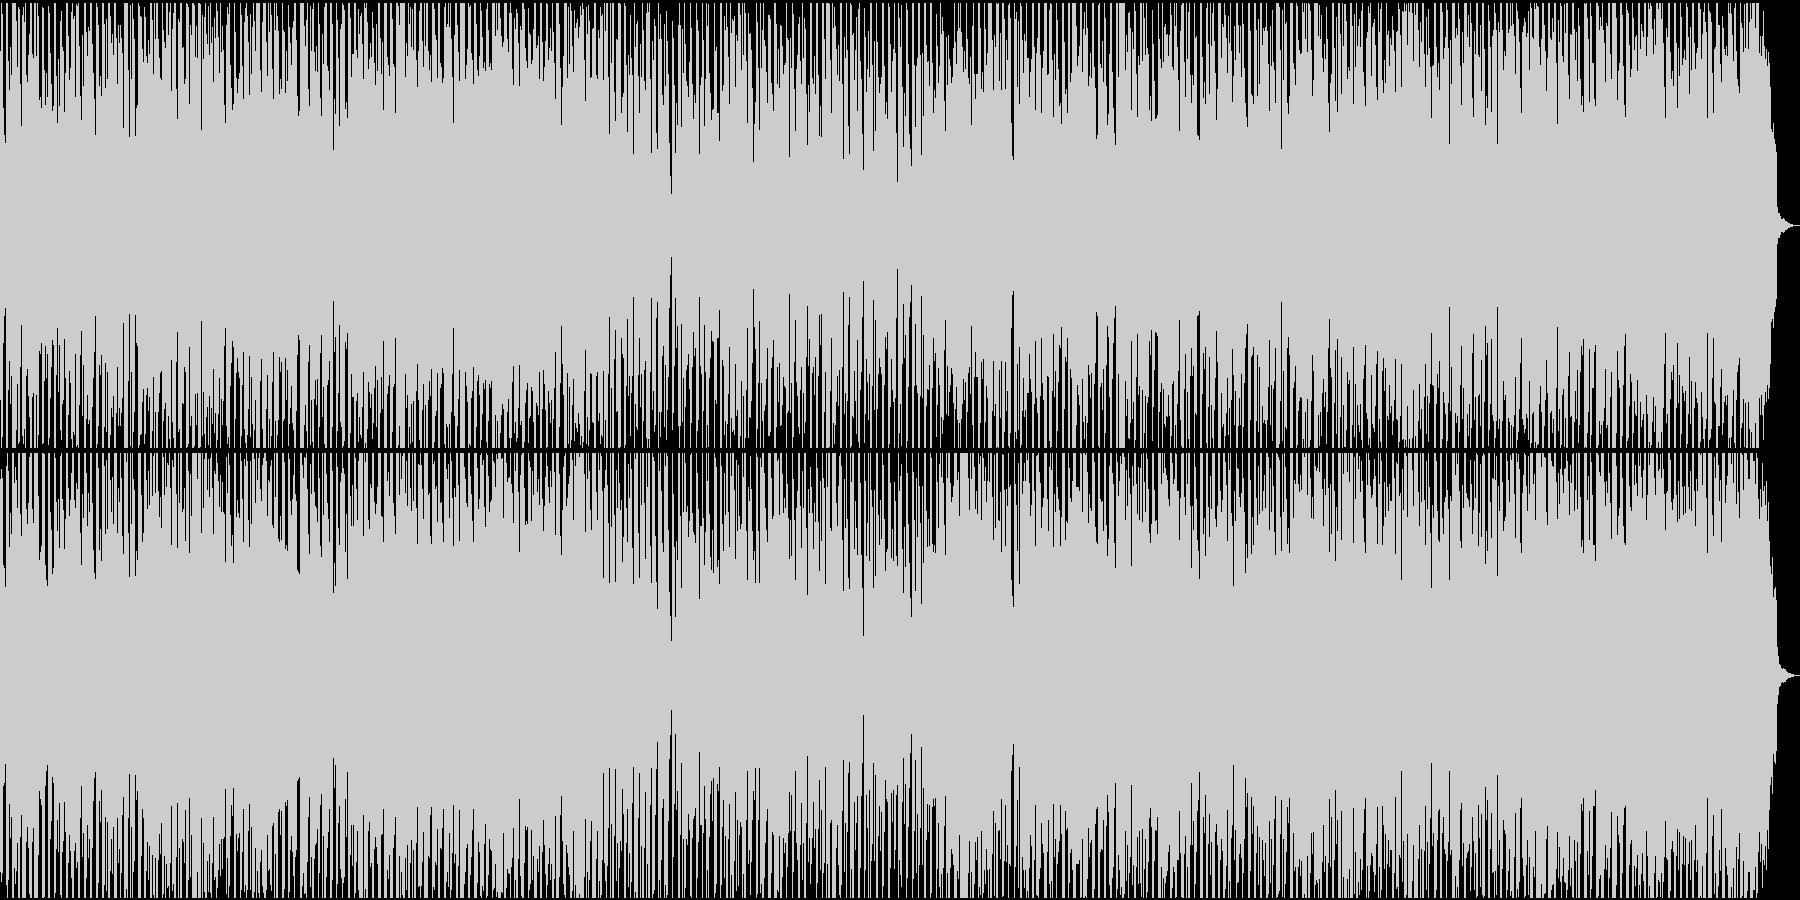 バイオリンとピアノの軽快なポップスの未再生の波形